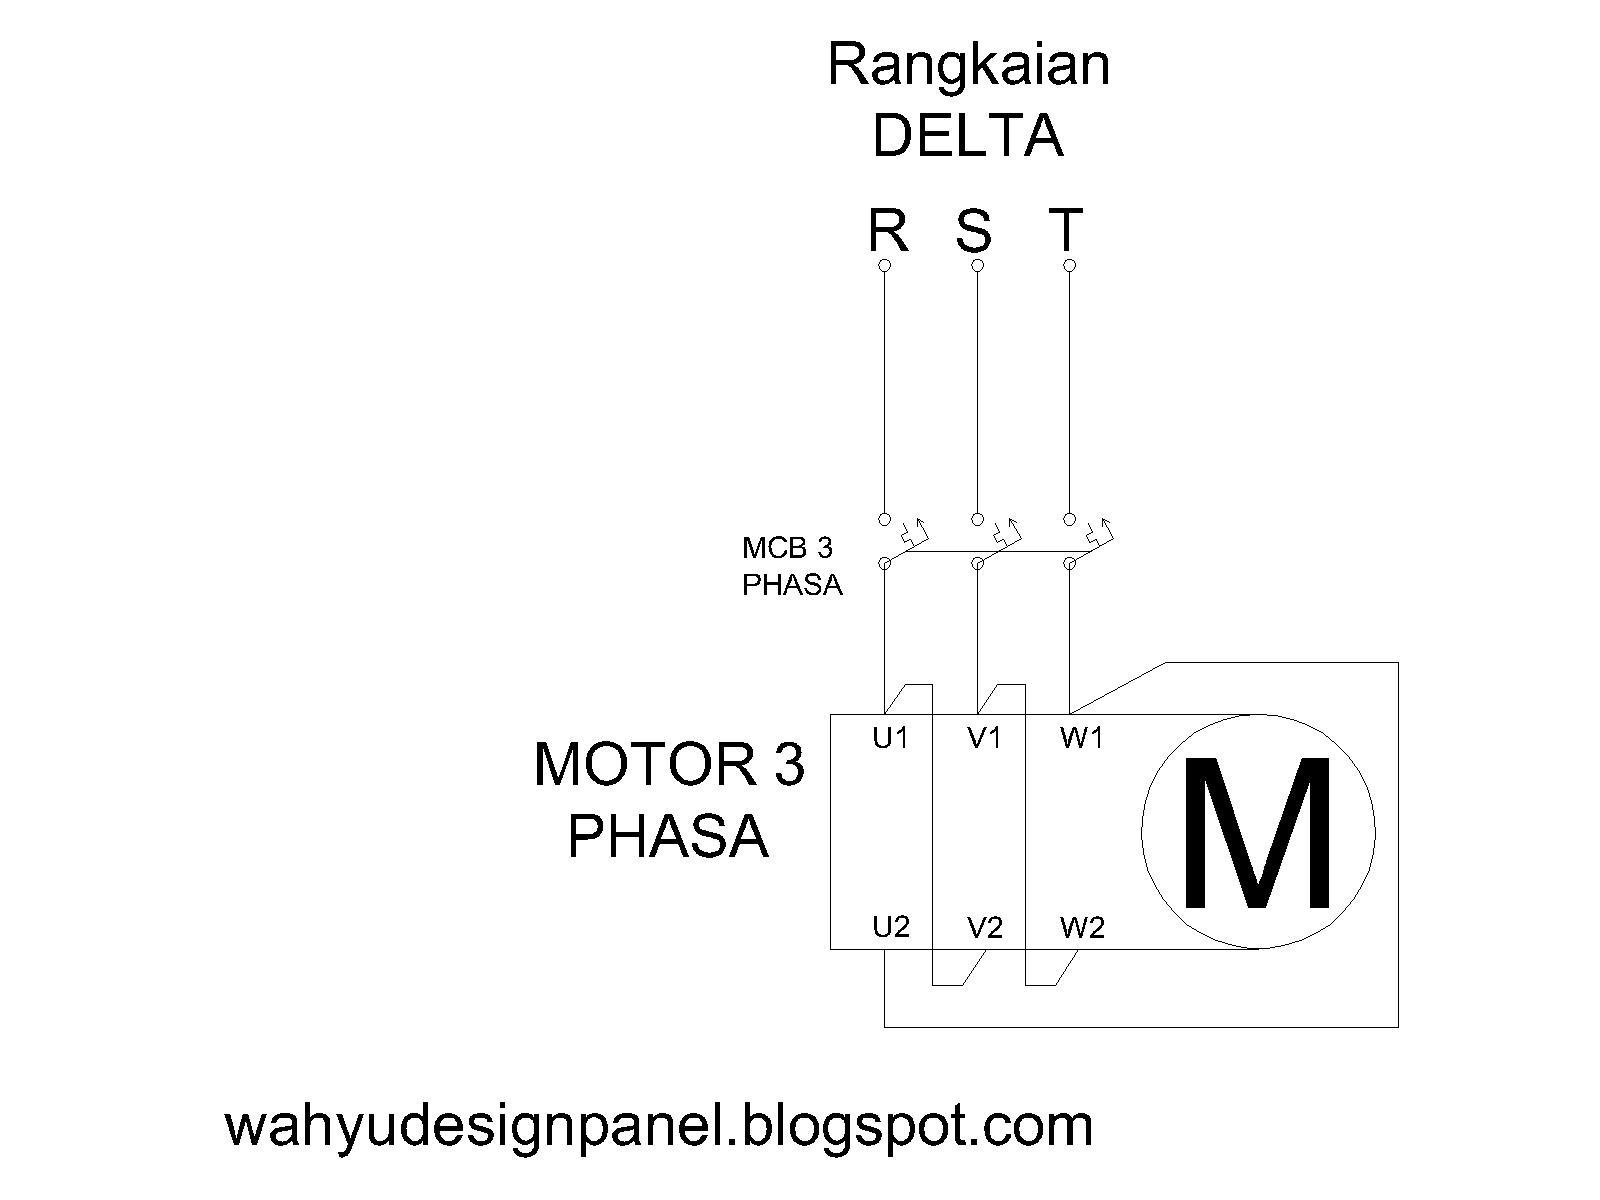 Rangkaian Panel Listrik (Kontrol & Utama): Rangkaiang